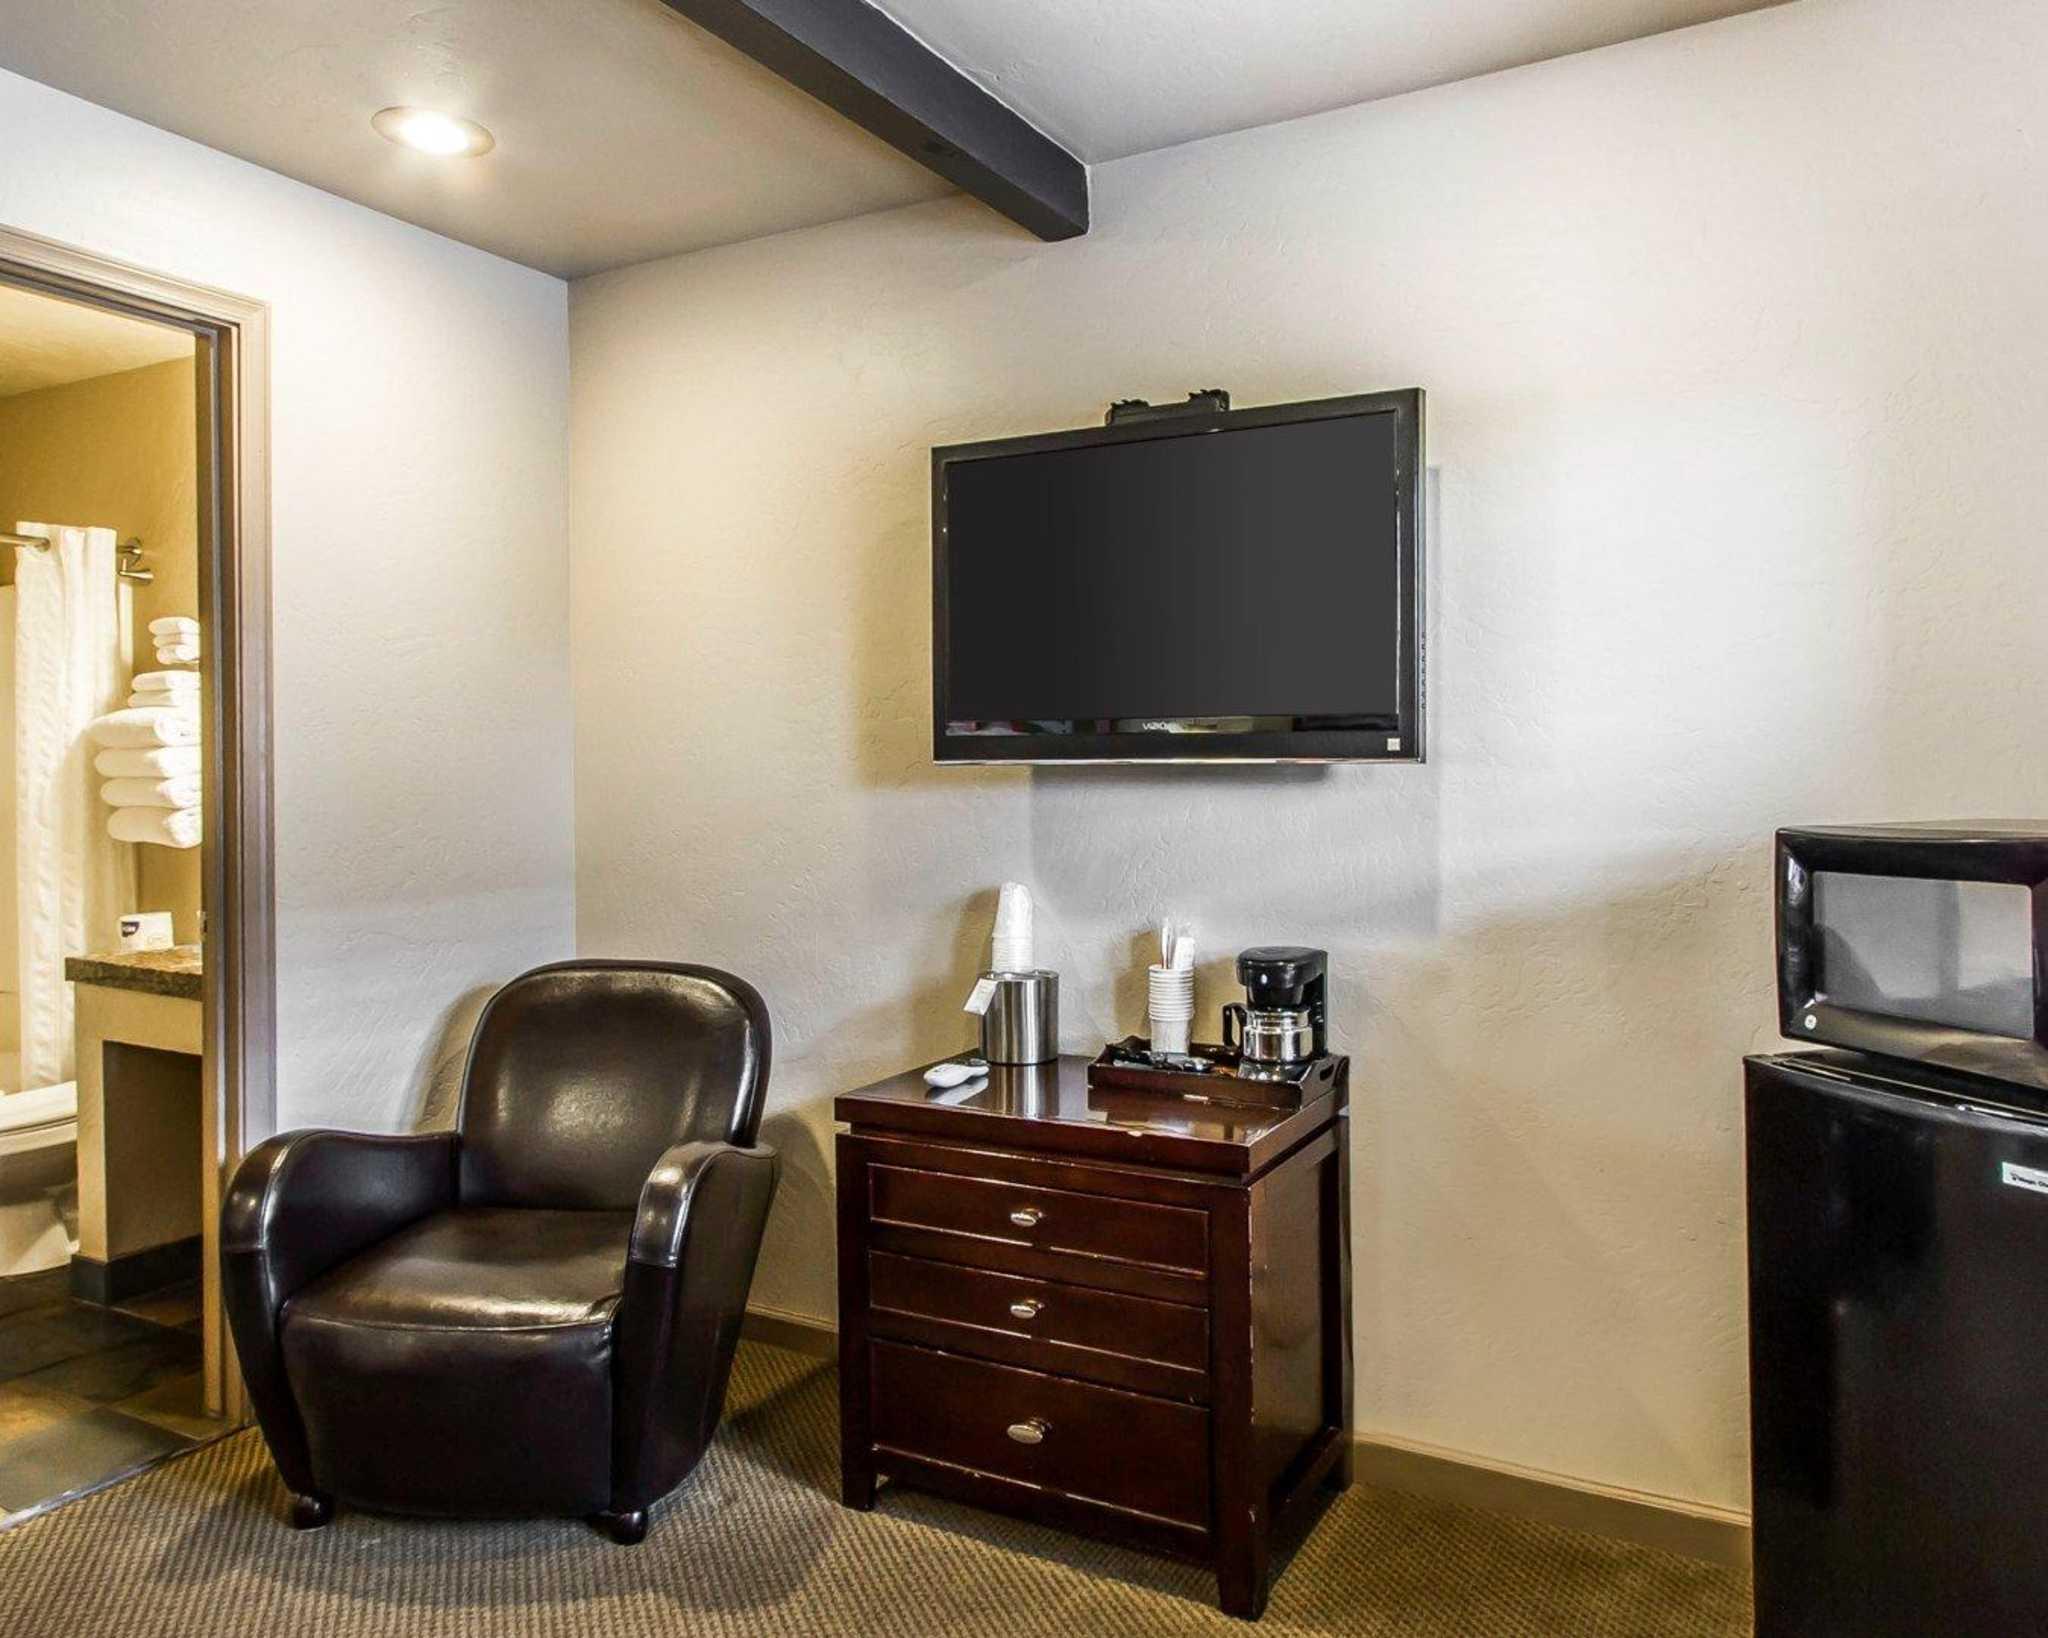 Rodeway Inn & Suites Downtowner-Rte 66 image 9